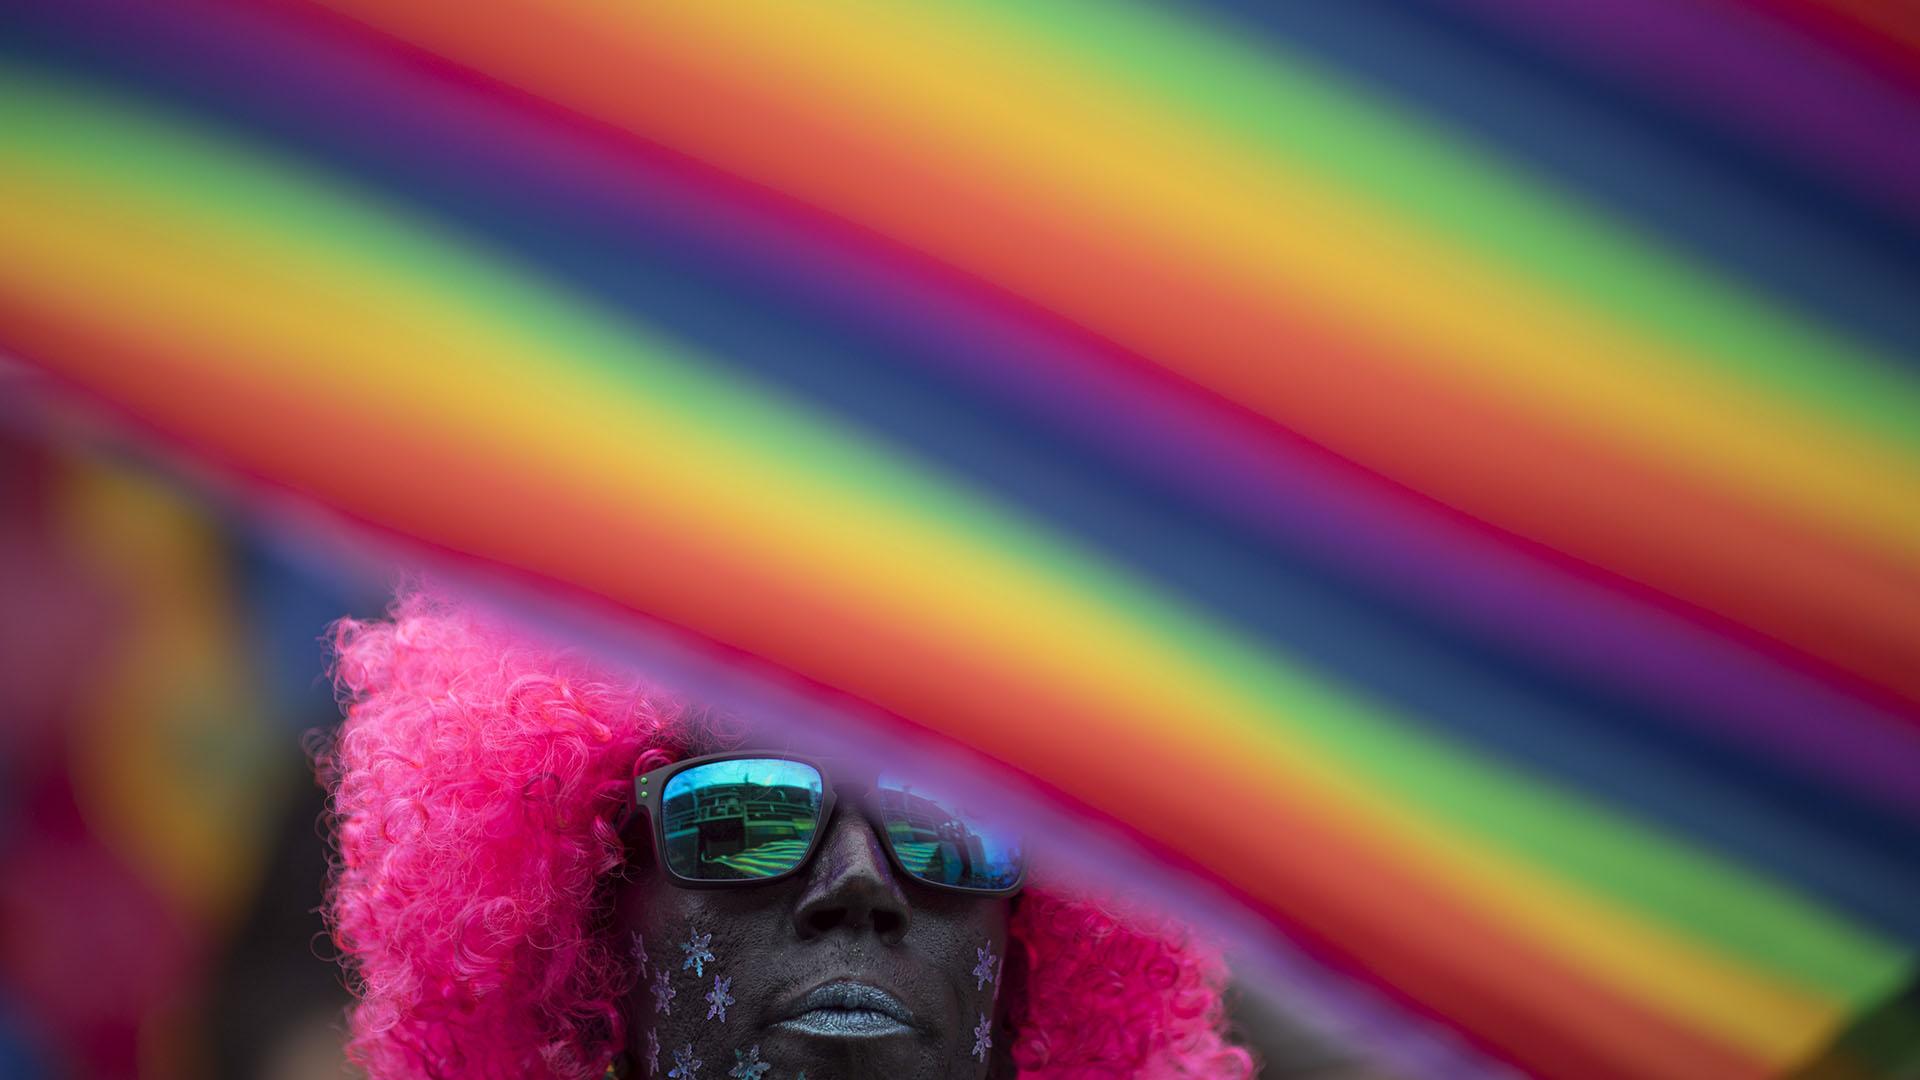 """El proceso conservador, fundamentalista, de este alcalde atacó al arte, a la cultura, al samba, a la población LGBT"""", dijo a la AFP Marcelle Esteves, vicepresidenta del Grupo Arco Iris, que organizó el desfile"""